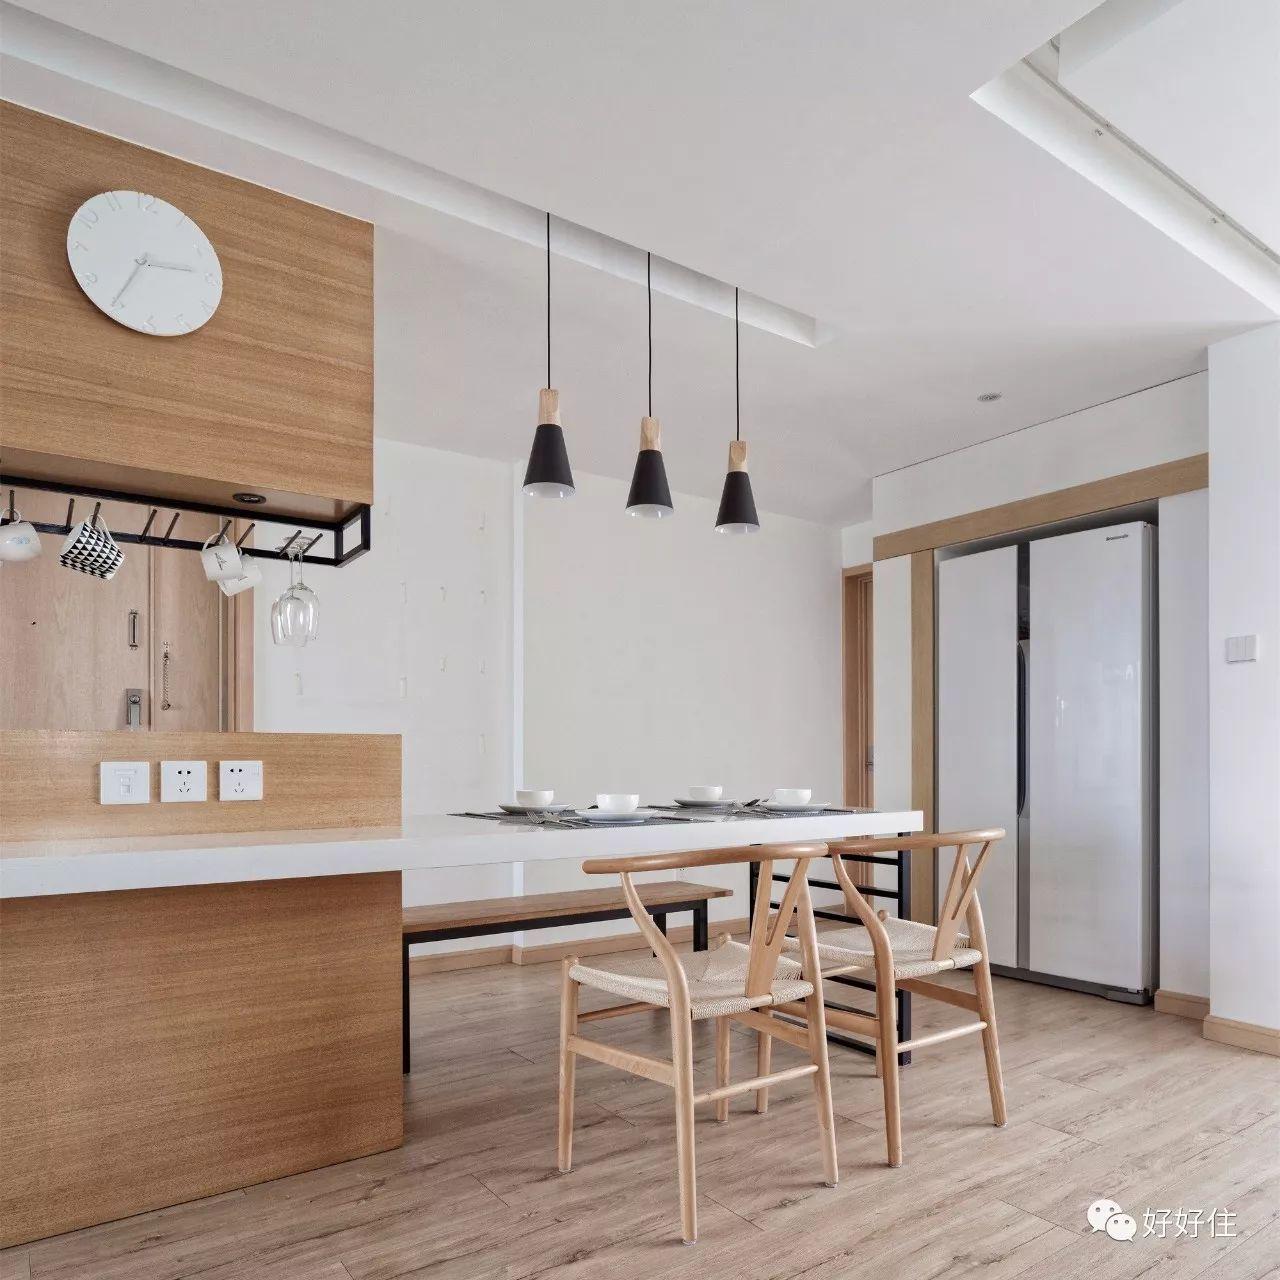 家居起居室设计装修1280_1280专业设计师技能平面怎样写图片